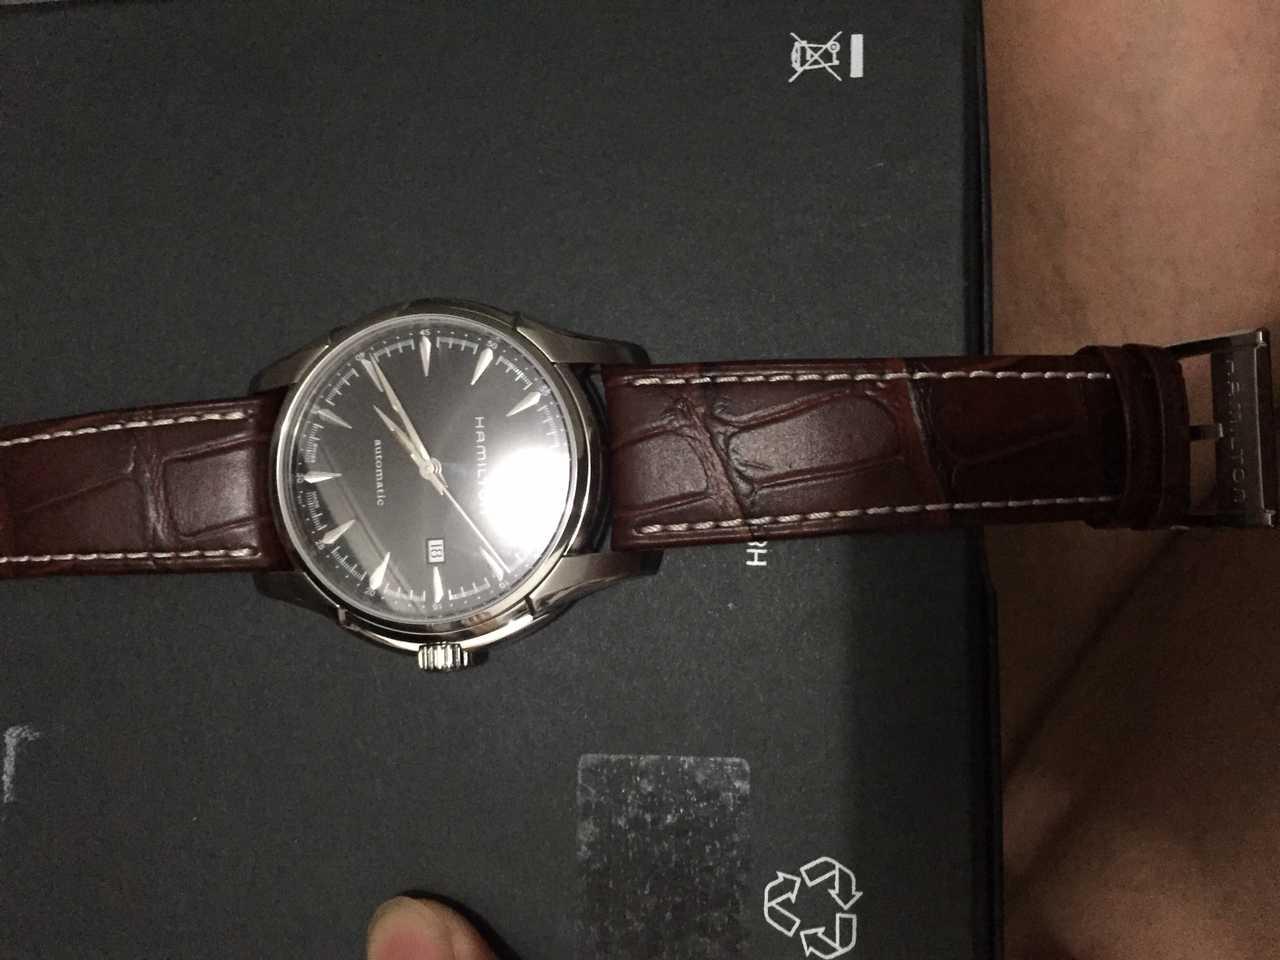 汉米尔顿H32715531手表【表友晒单作业】手表很漂亮...